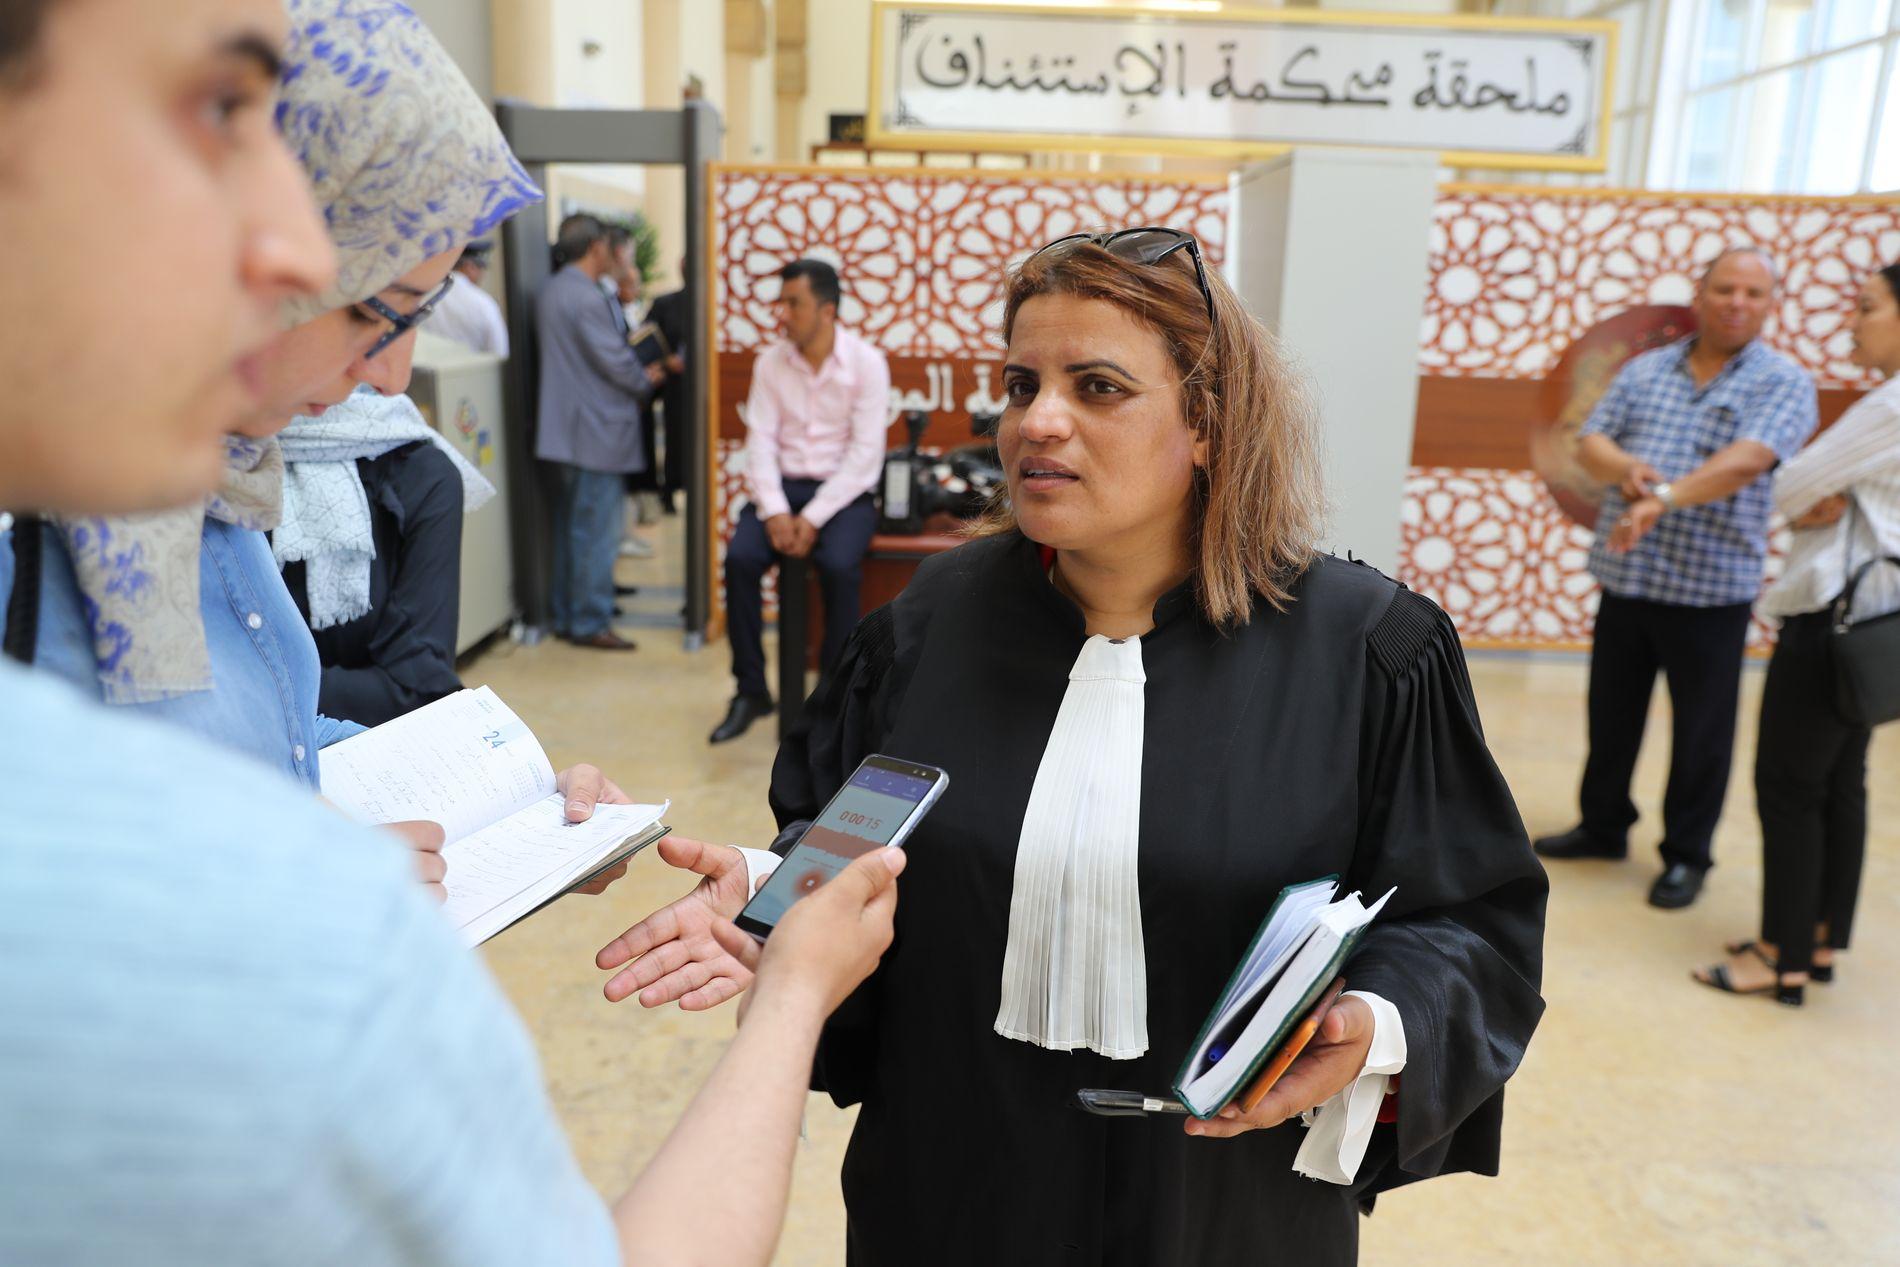 FORSVARER: Hafida Makssaoui forsvarer de fire hovedtiltalte i saken. Her står hun utenfor rettssalen i Rabat.